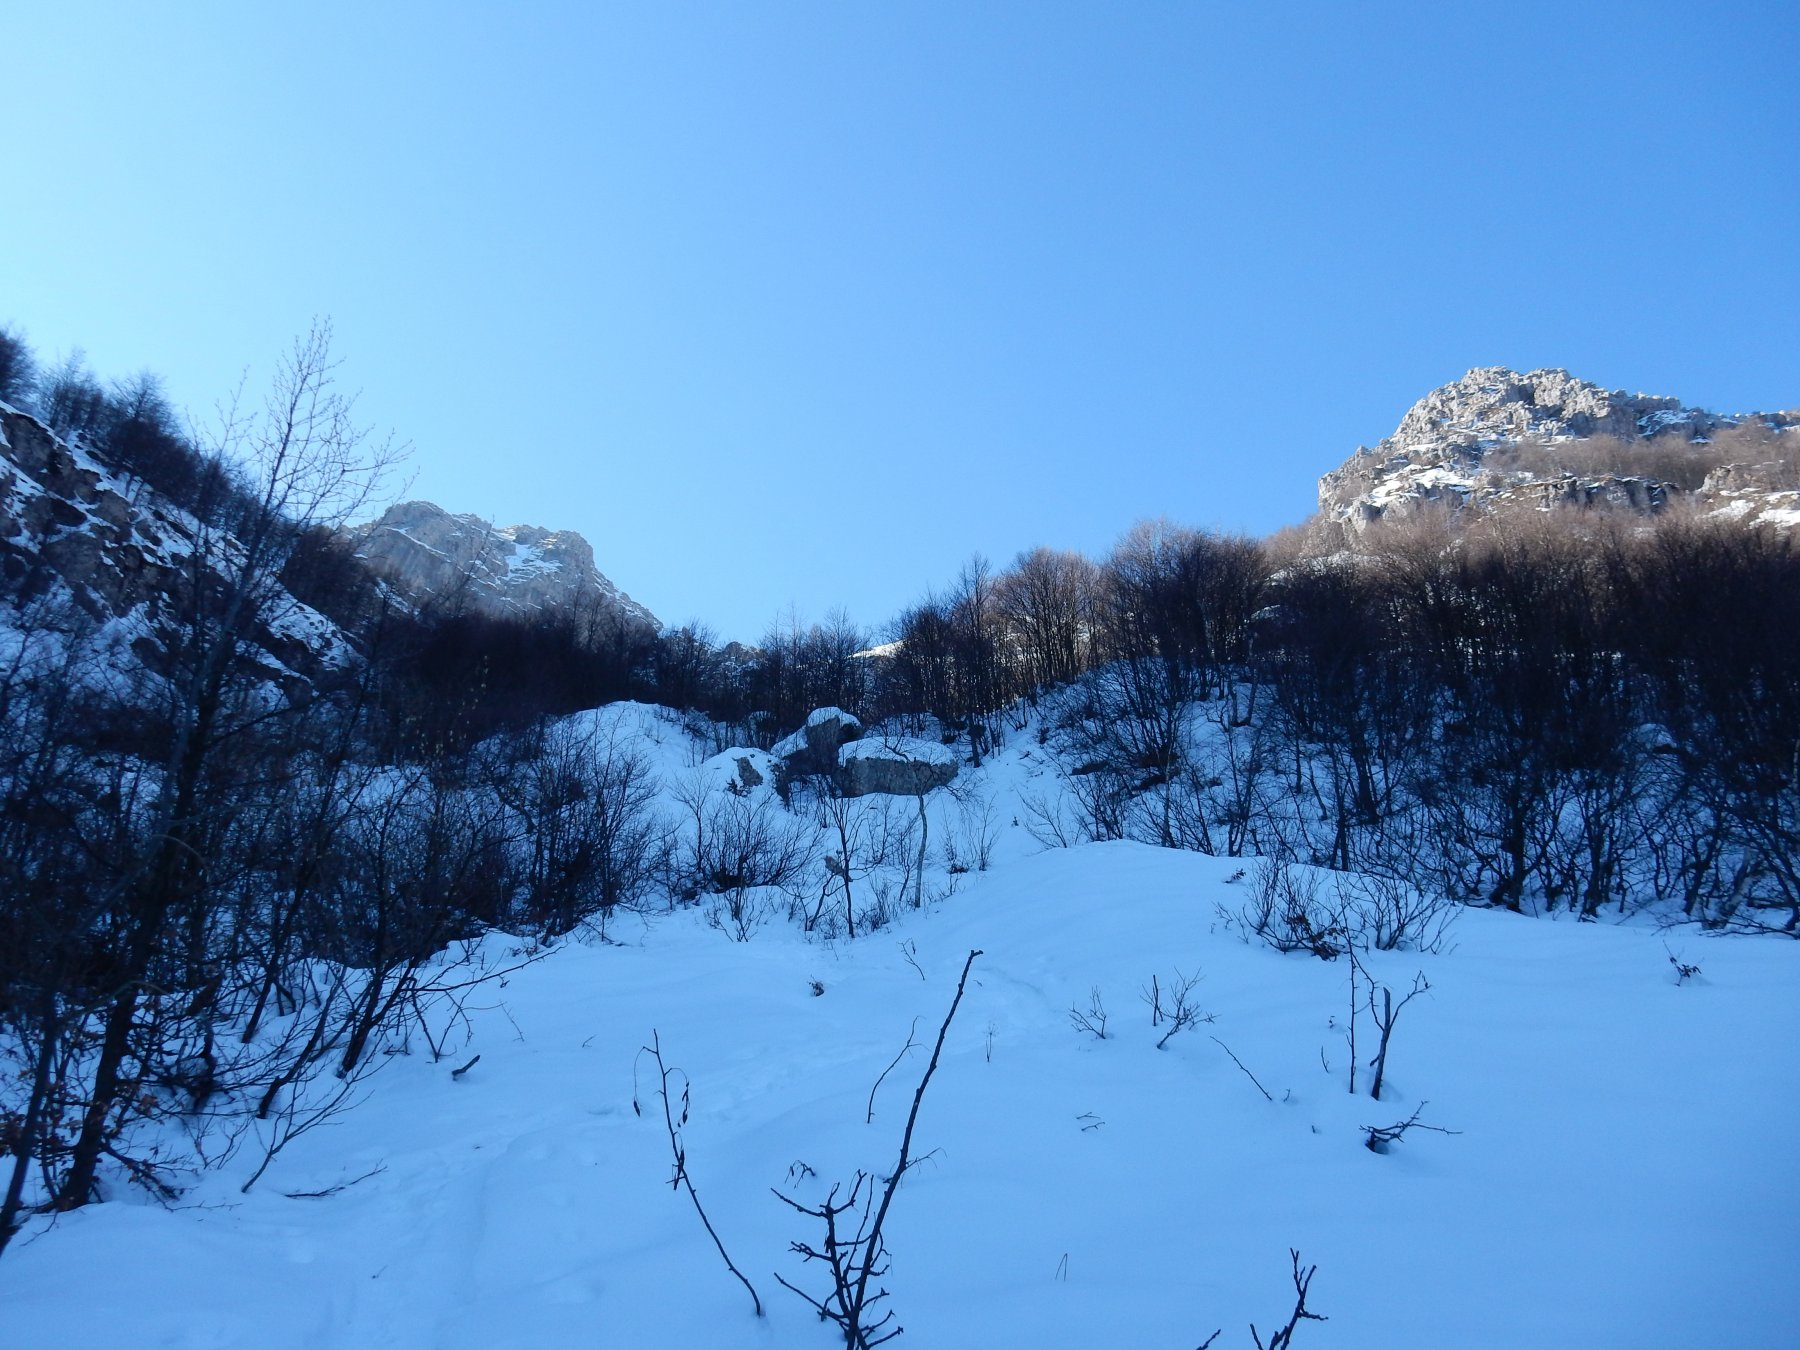 Inizio della Val Caldera,il sole qui è da un paio di mesi che non si vede.